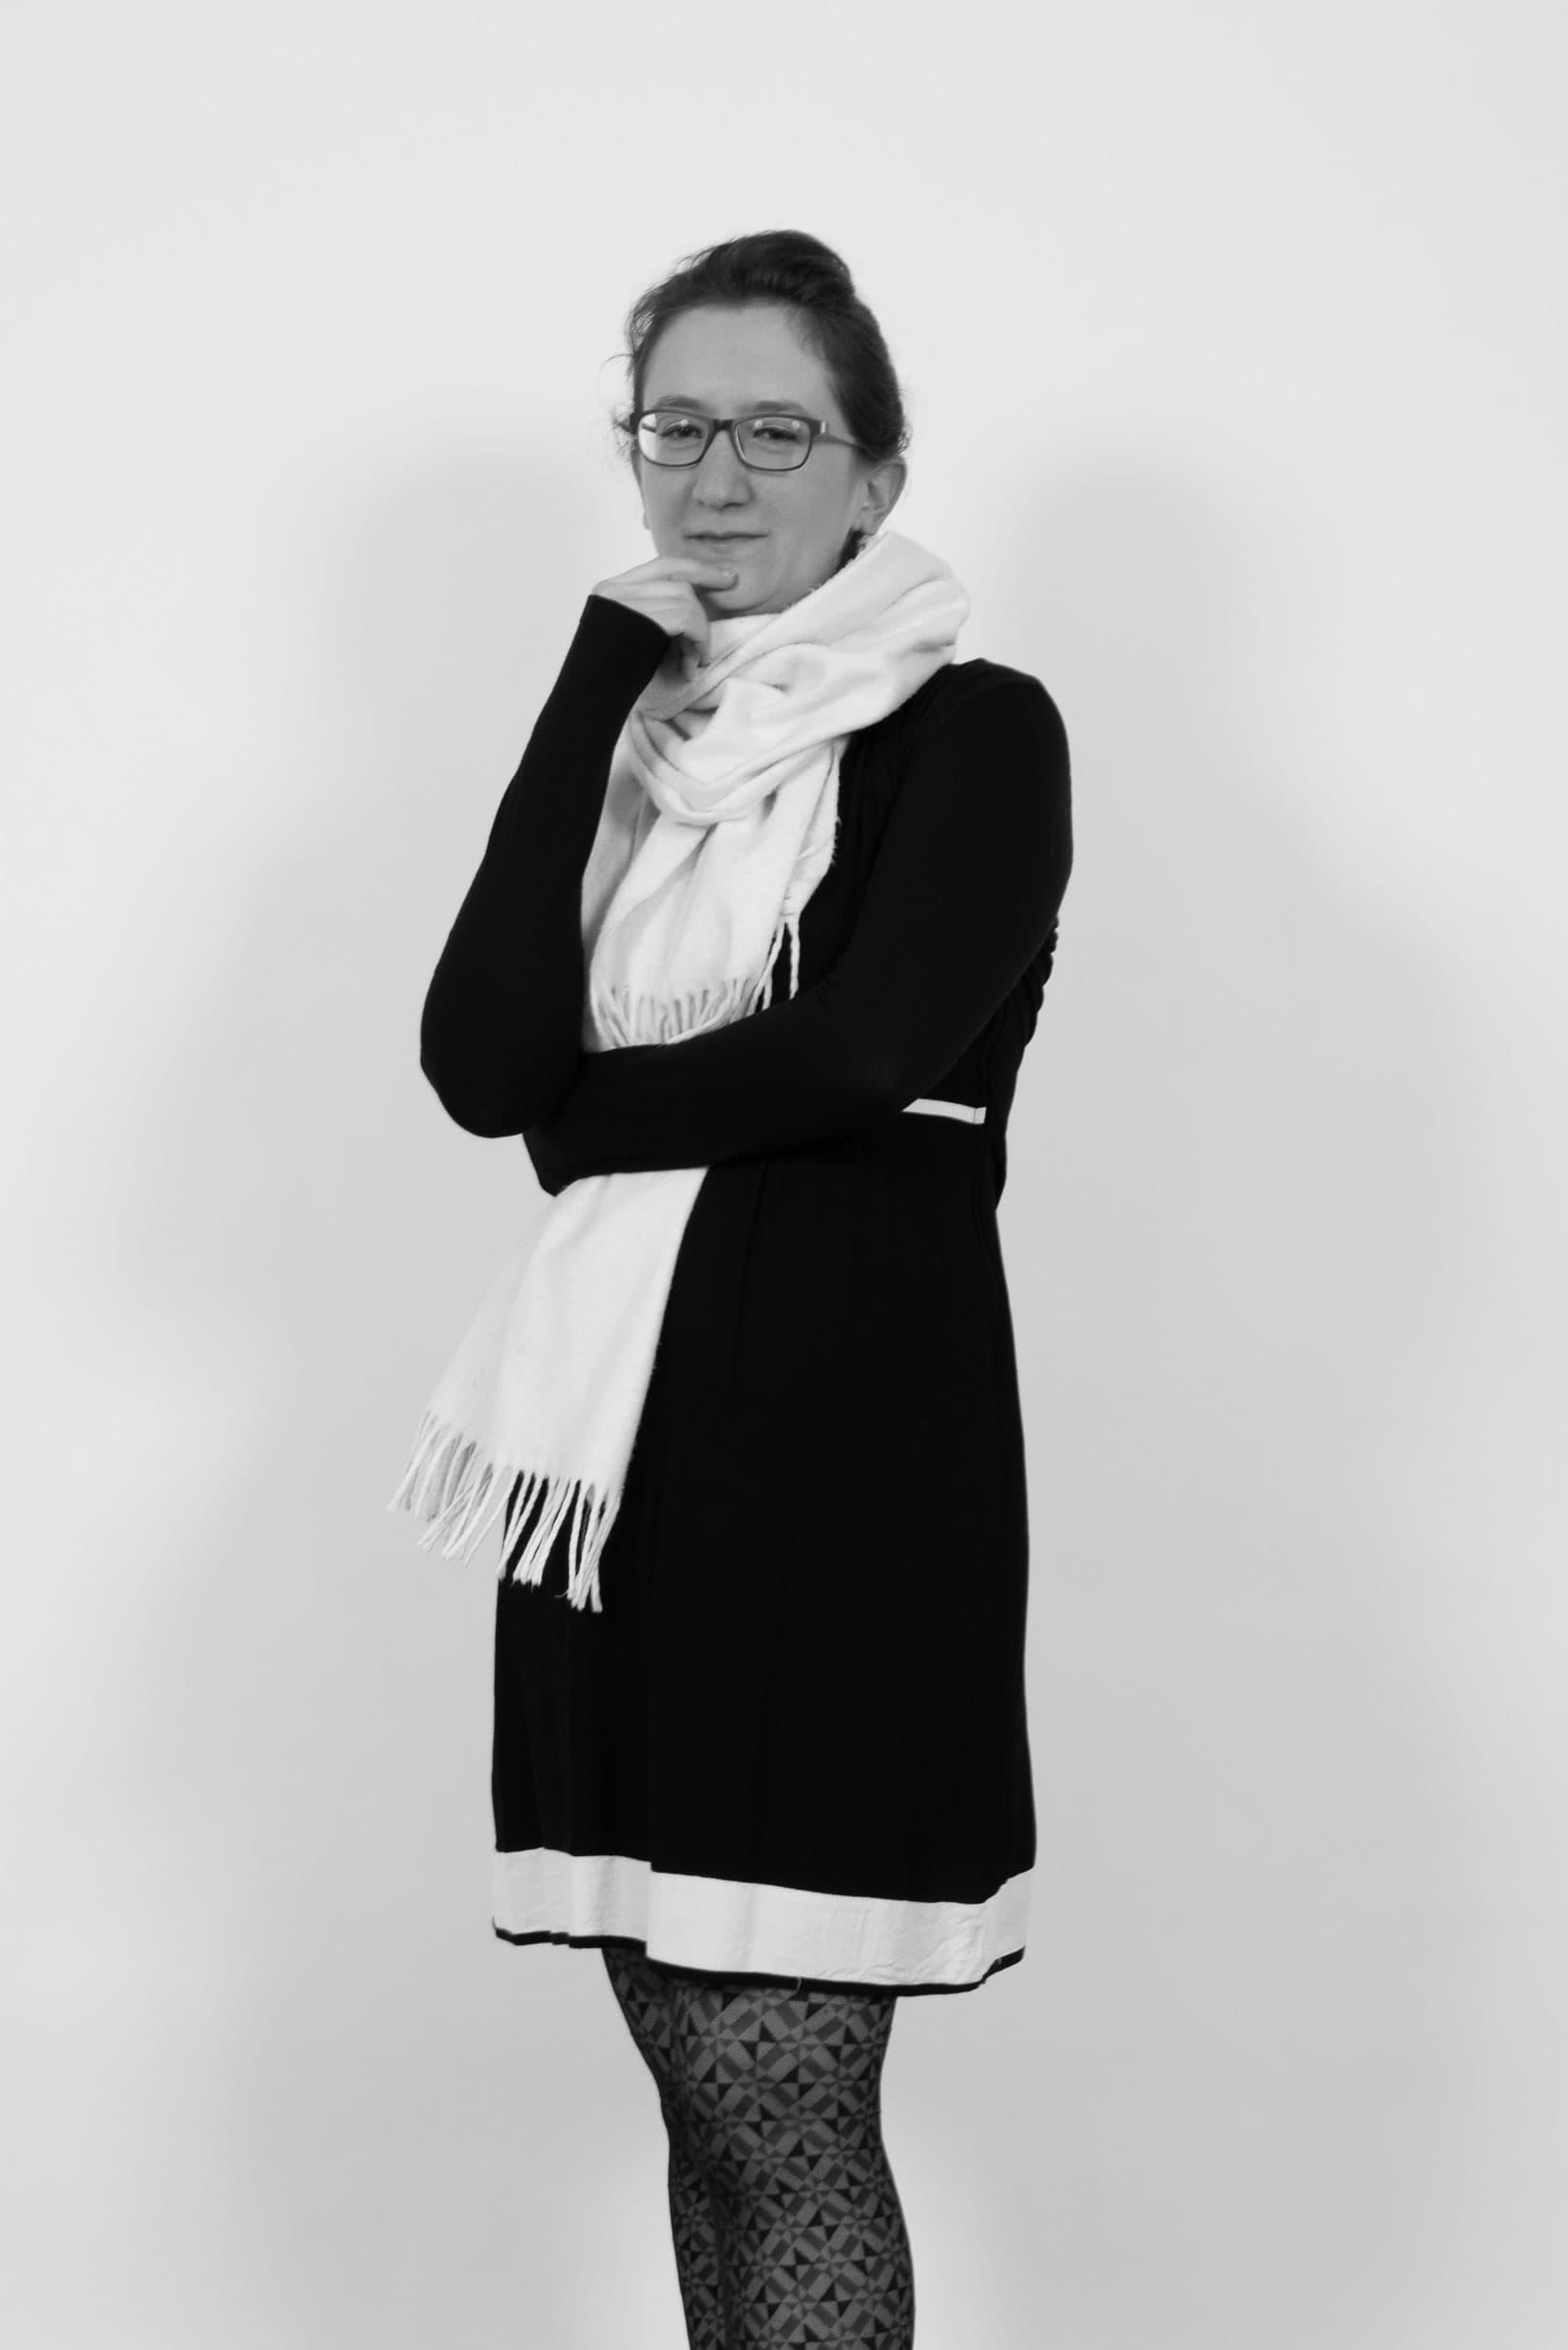 Portrait professionnel de la photographe, Sophie Martz